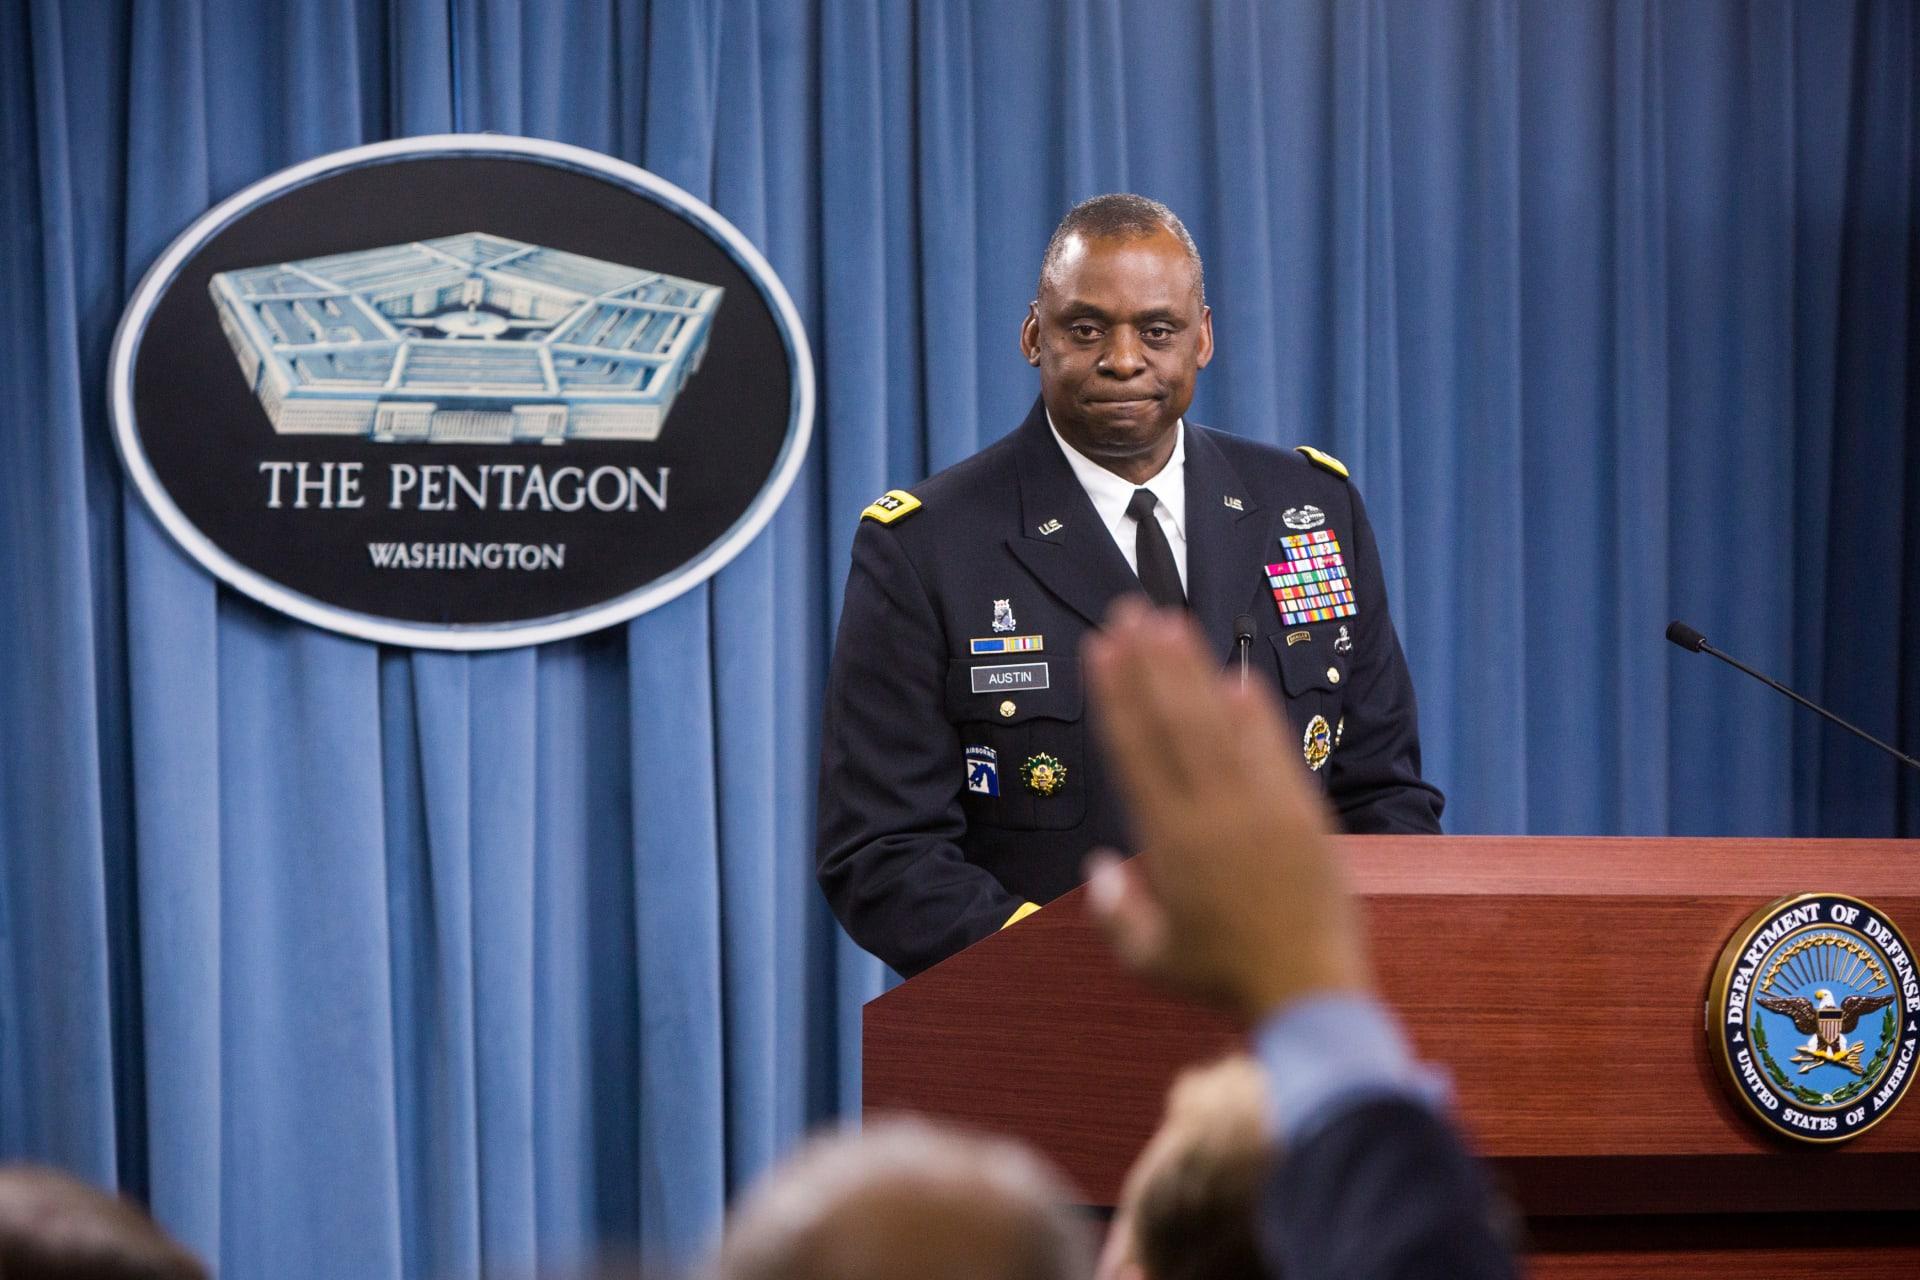 مجلس الشيوخ يوافق على تعيين لويد أوستن أول وزير دفاع أمريكي من أصول إفريقية